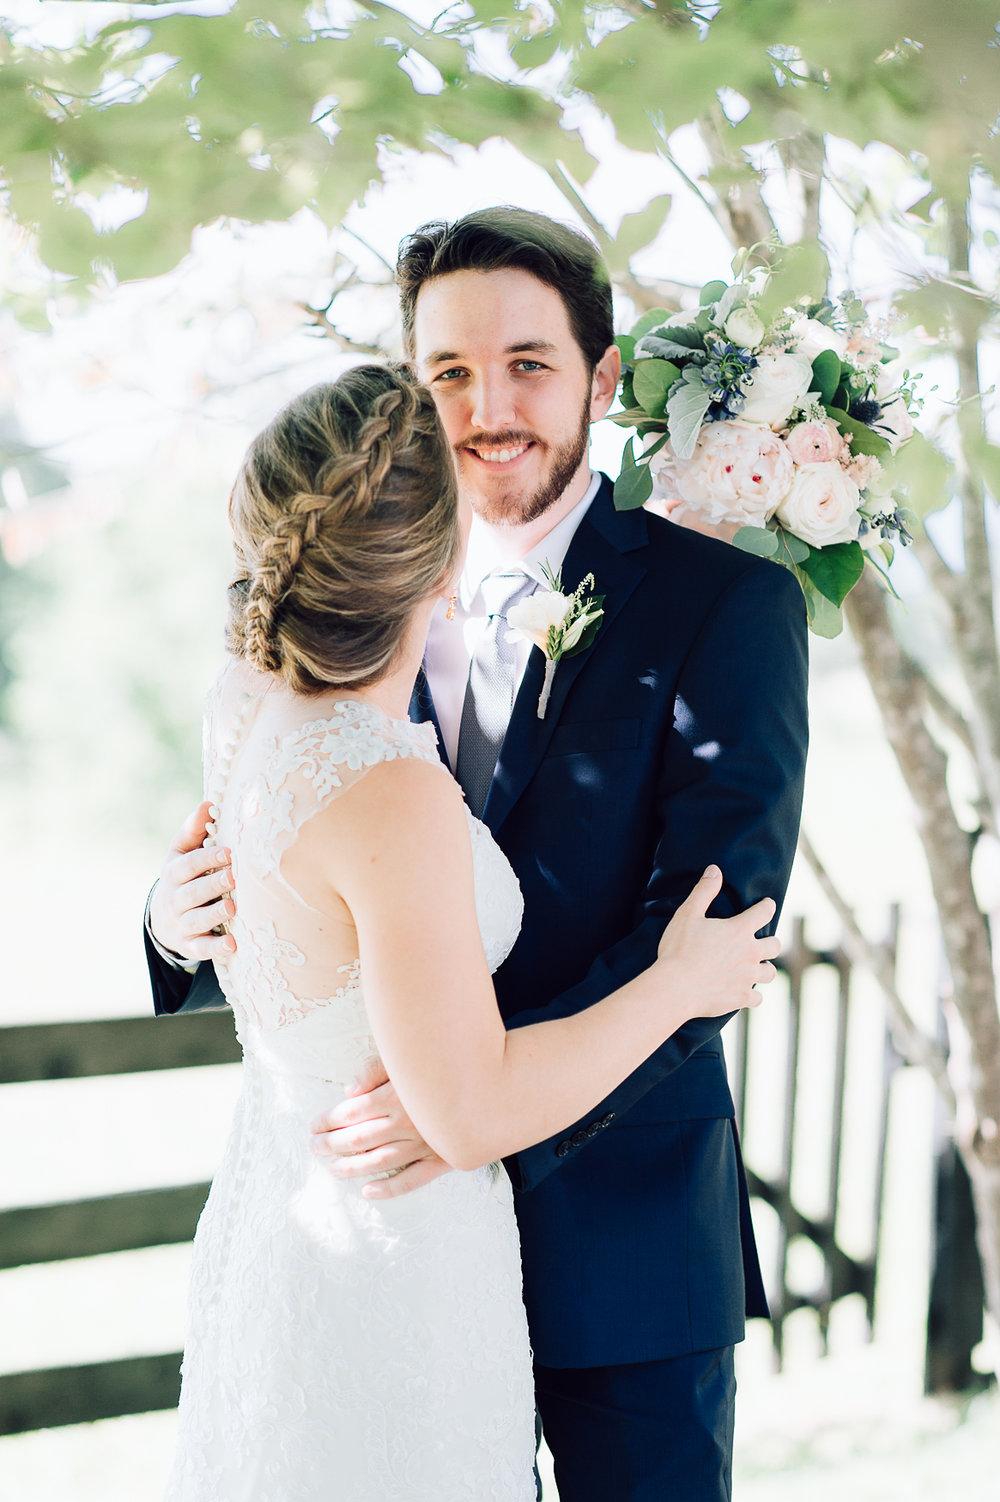 charlottesvillewedding_backyardwedding_virginia_youseephotography_CaitlinDerek (39).jpg